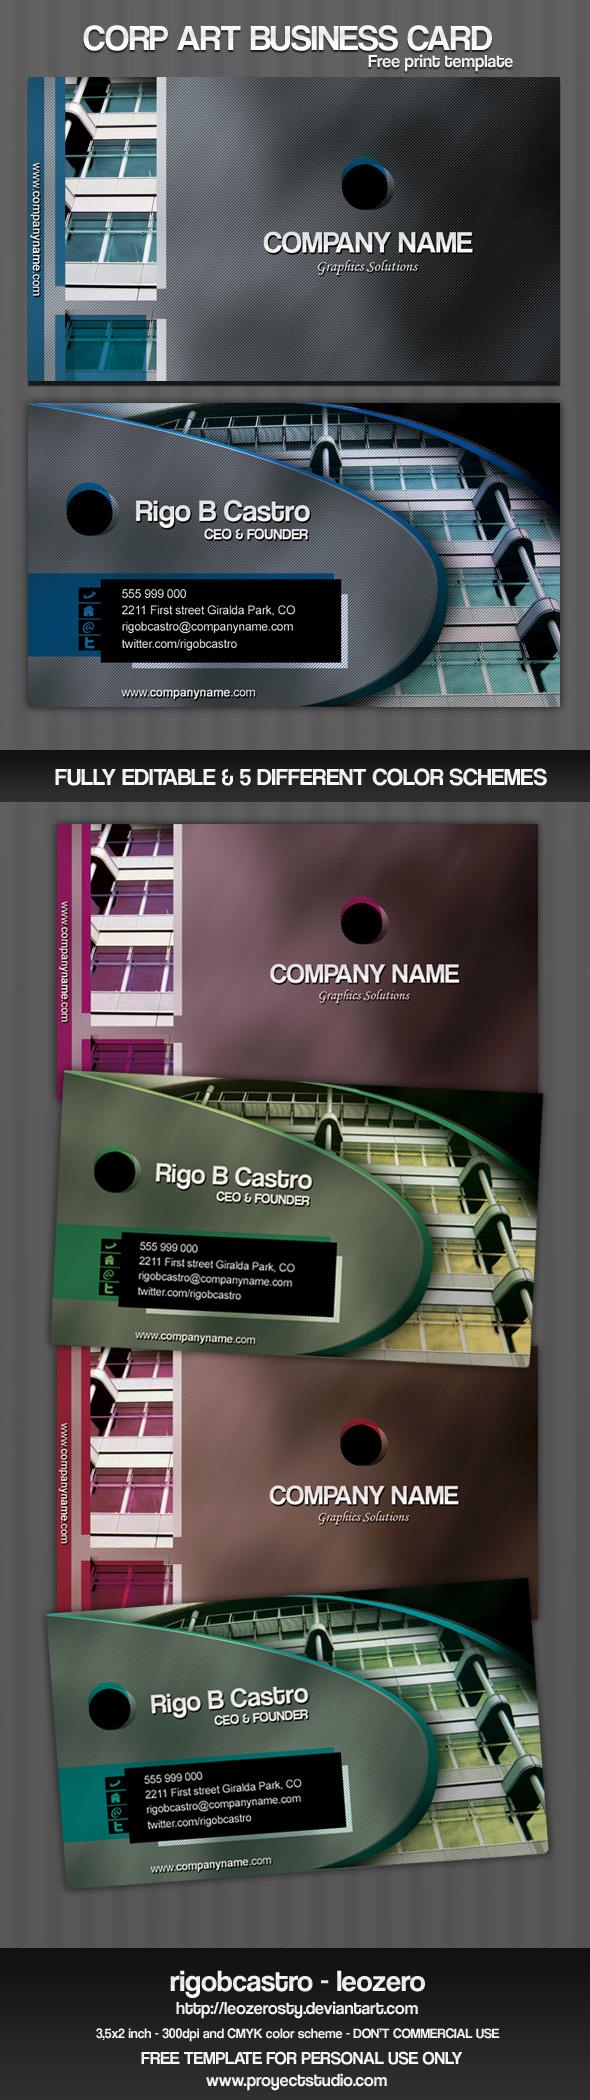 Corp Art Business Card by leozerosty